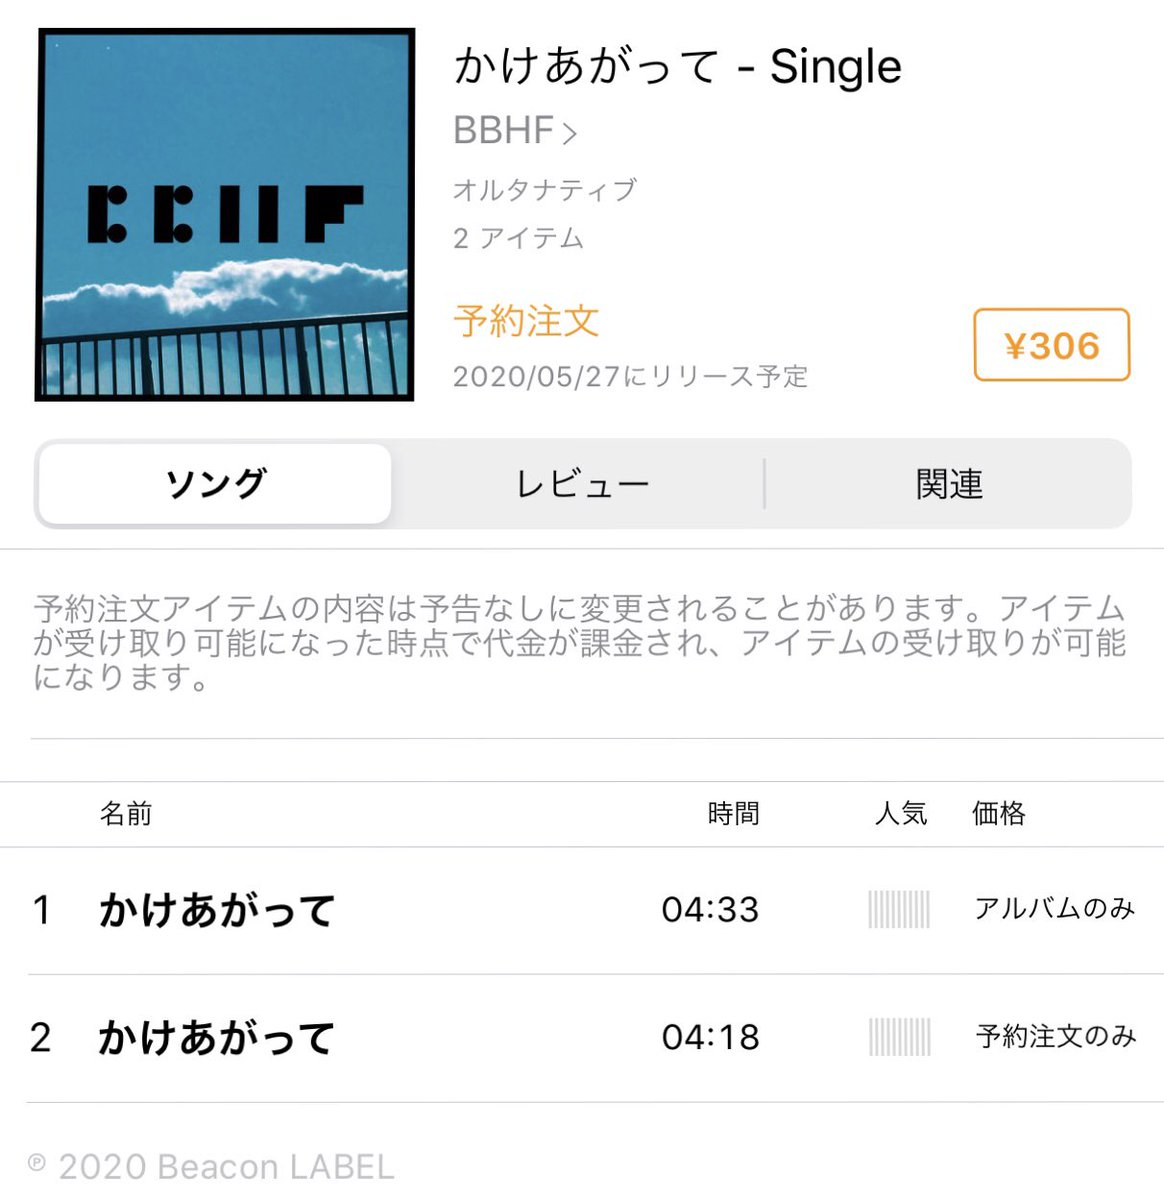 【 #BBHF 】\🚨iTunes予約注文本日〆切🚨/Digital Single「かけあがって」5/27 Release!!!🥁予約特典『かけあがって』Remote Session Movieこの機会に是非ご予約下さい!#iTunes